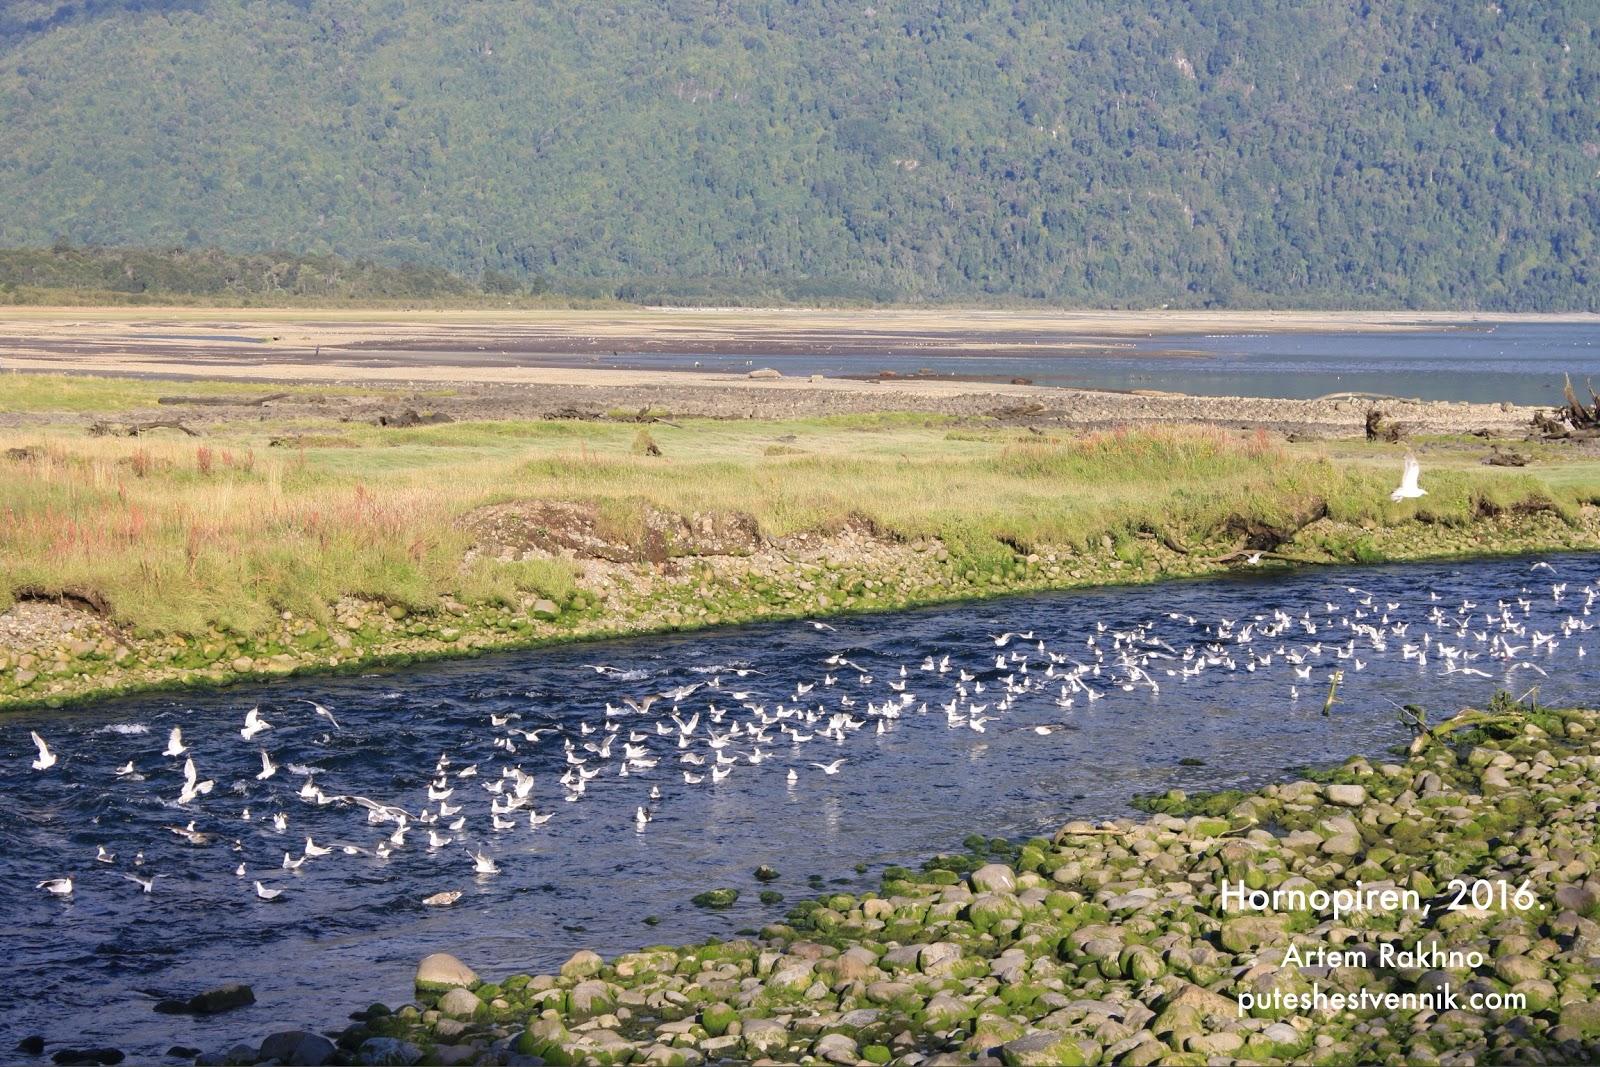 Птицы на реке в Чили